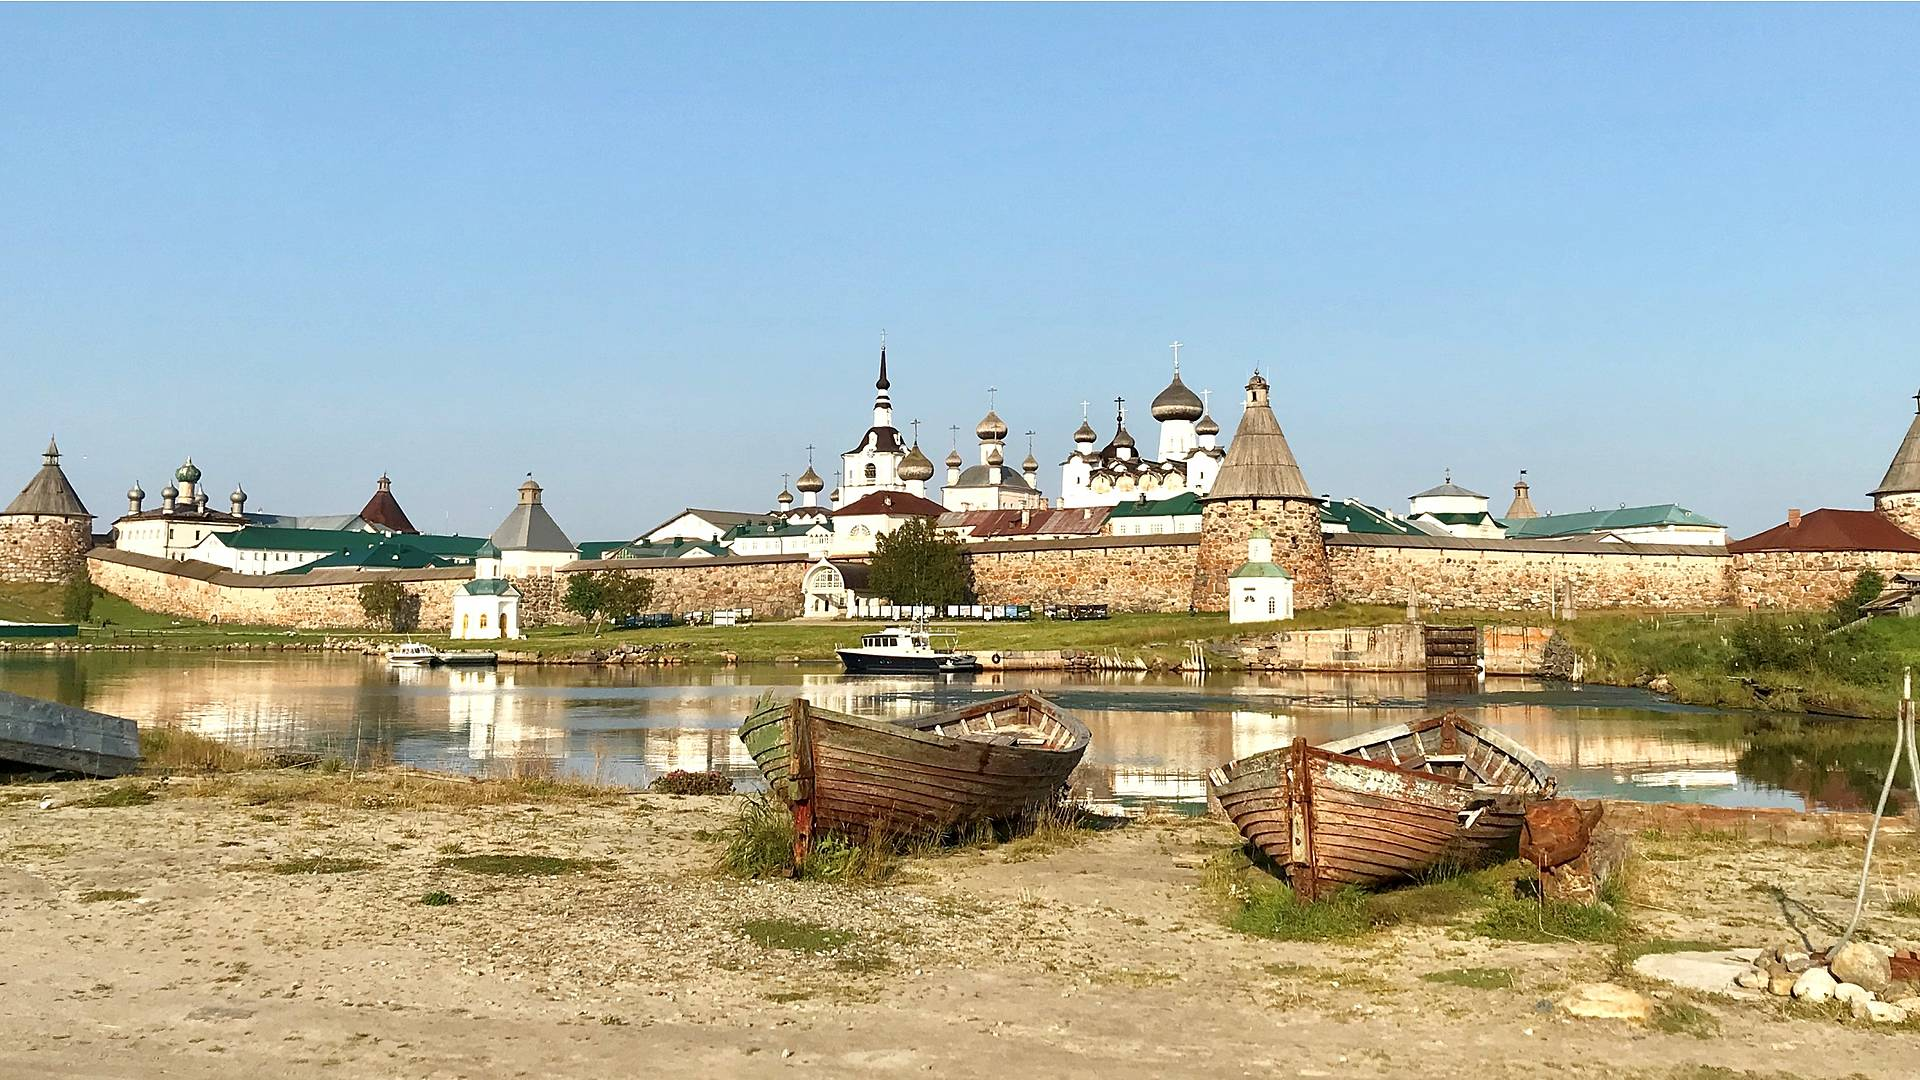 Le bellezze e gli enigmi del nord: San Pietroburgo e le isole Solovki